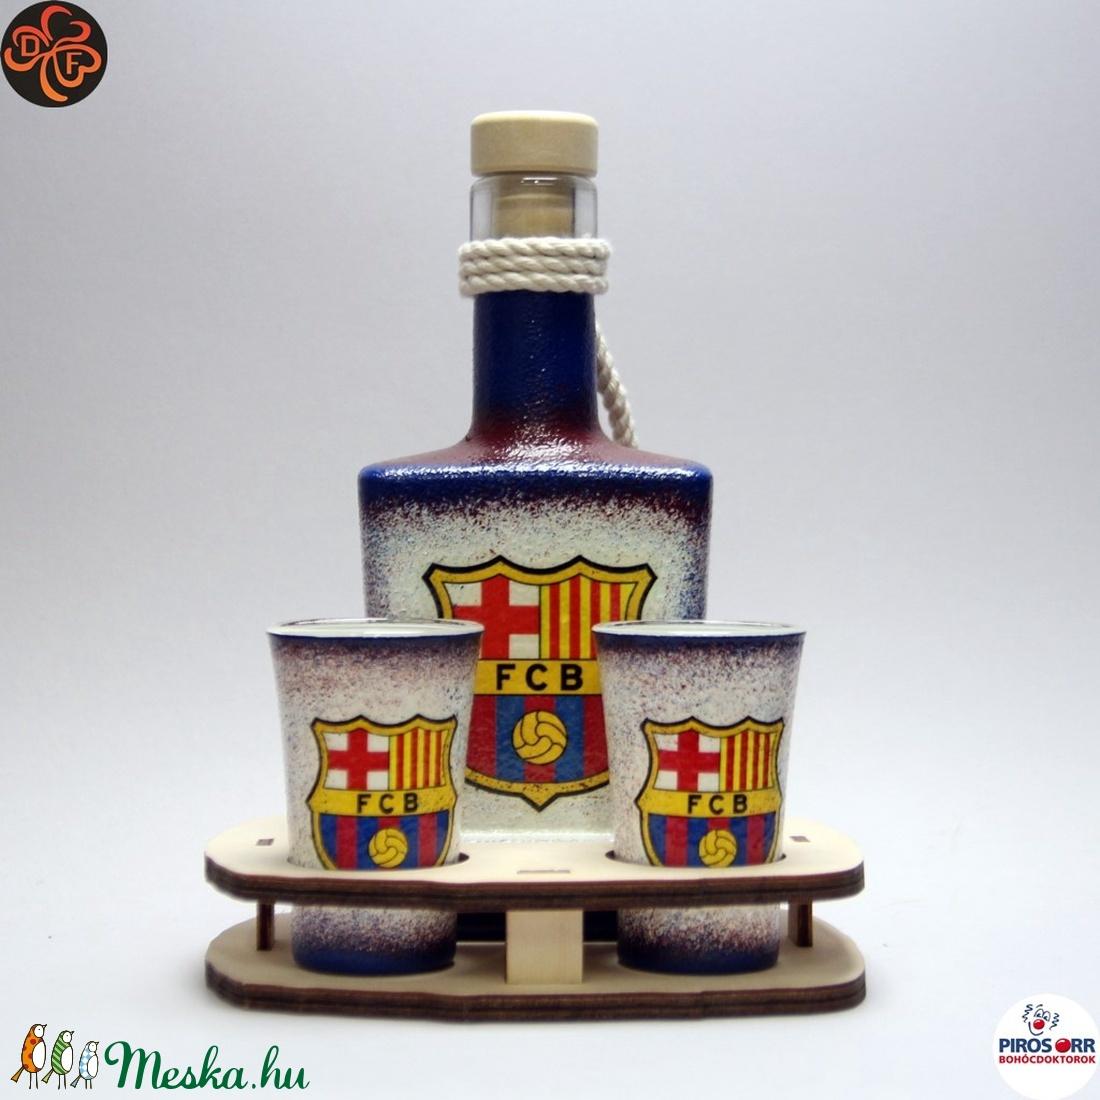 FC Barcelona italos készlet; futball szurkolóknak (decorfantasy) - Meska.hu